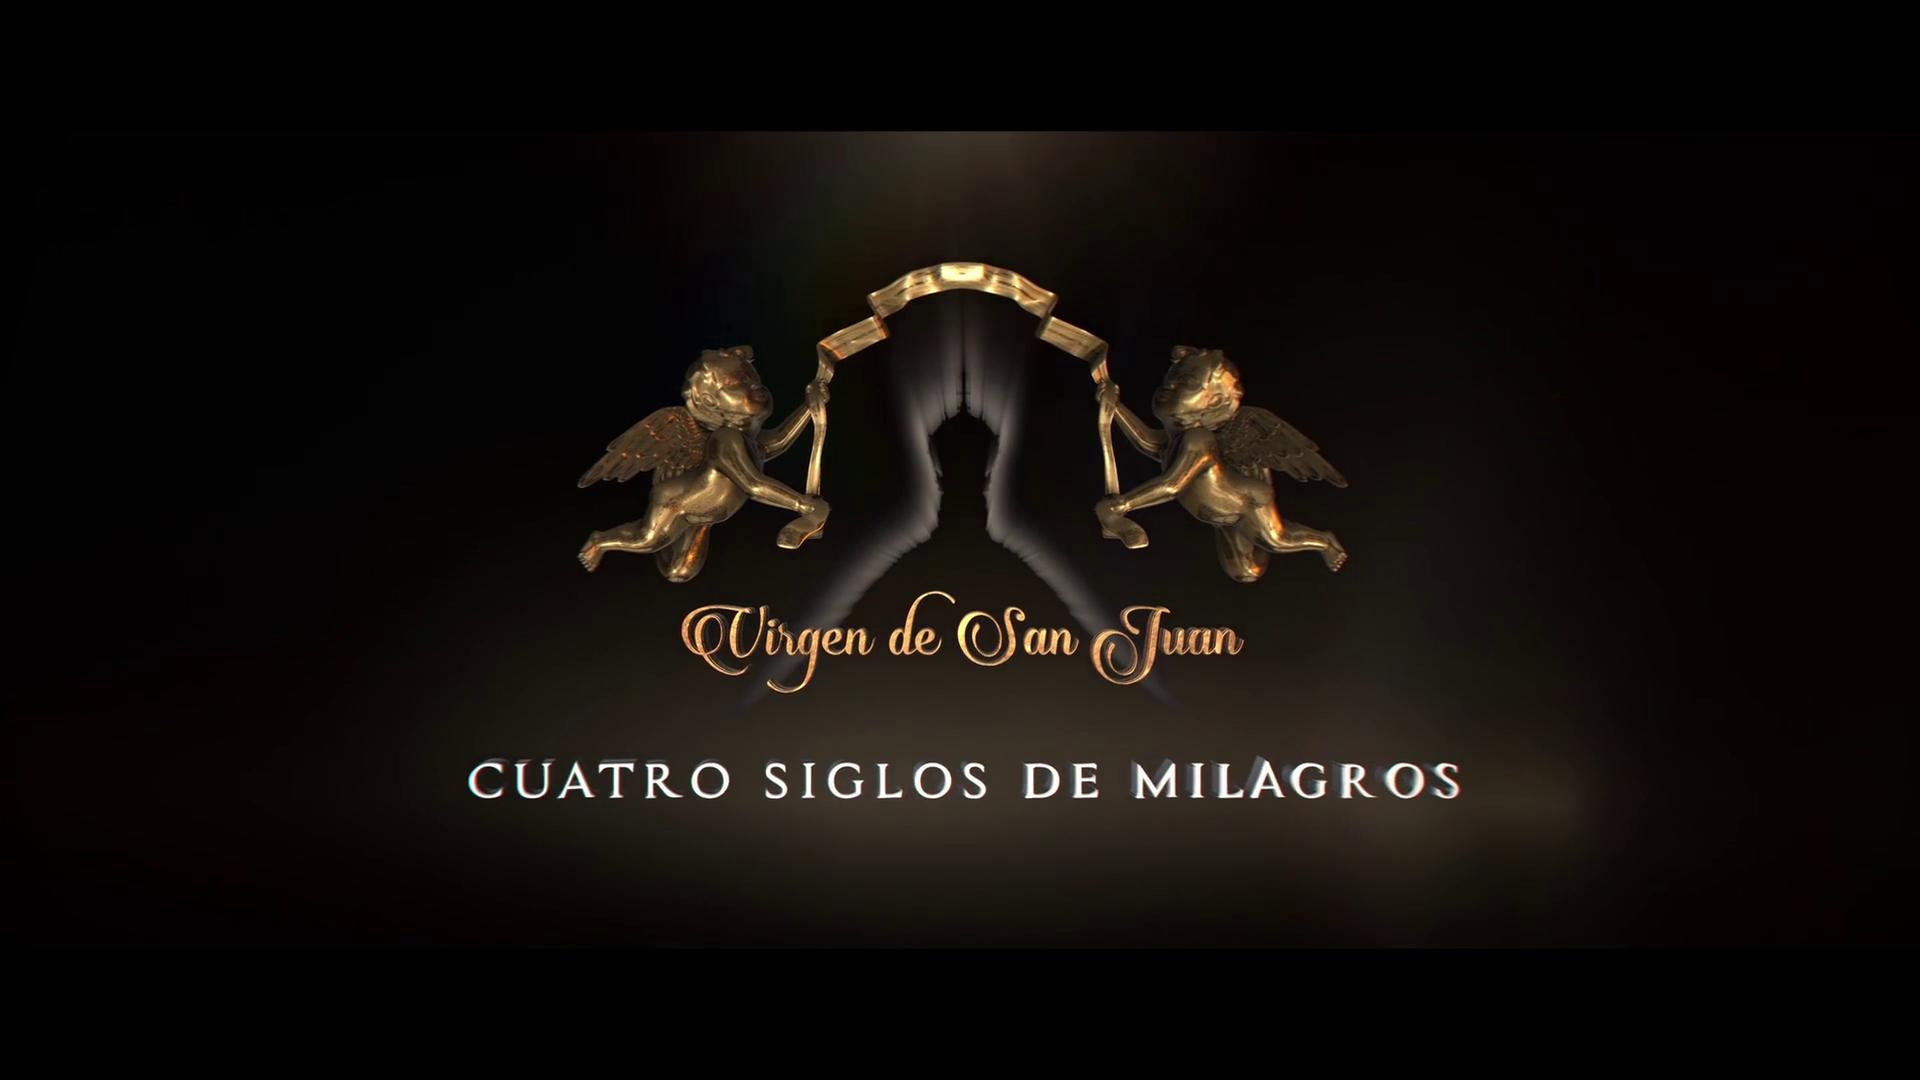 Virgen de San Juan cuatro siglos de milagros (2021) 1080p WEB-DL Latino